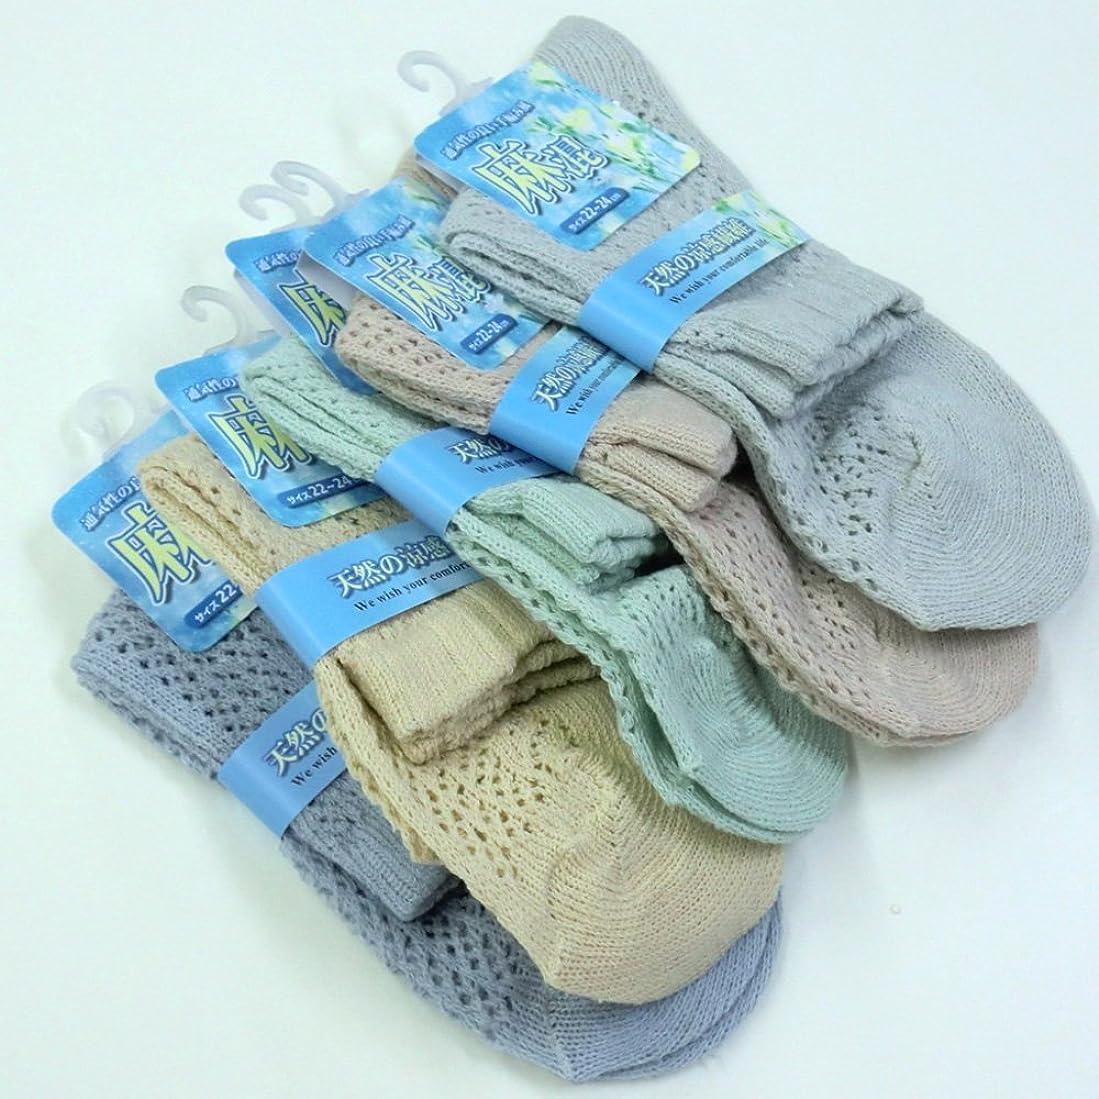 原子炉スチュワーデス浸した靴下 レディース 麻混 涼しいルミーソックス おしゃれ手編み風 5色5足組